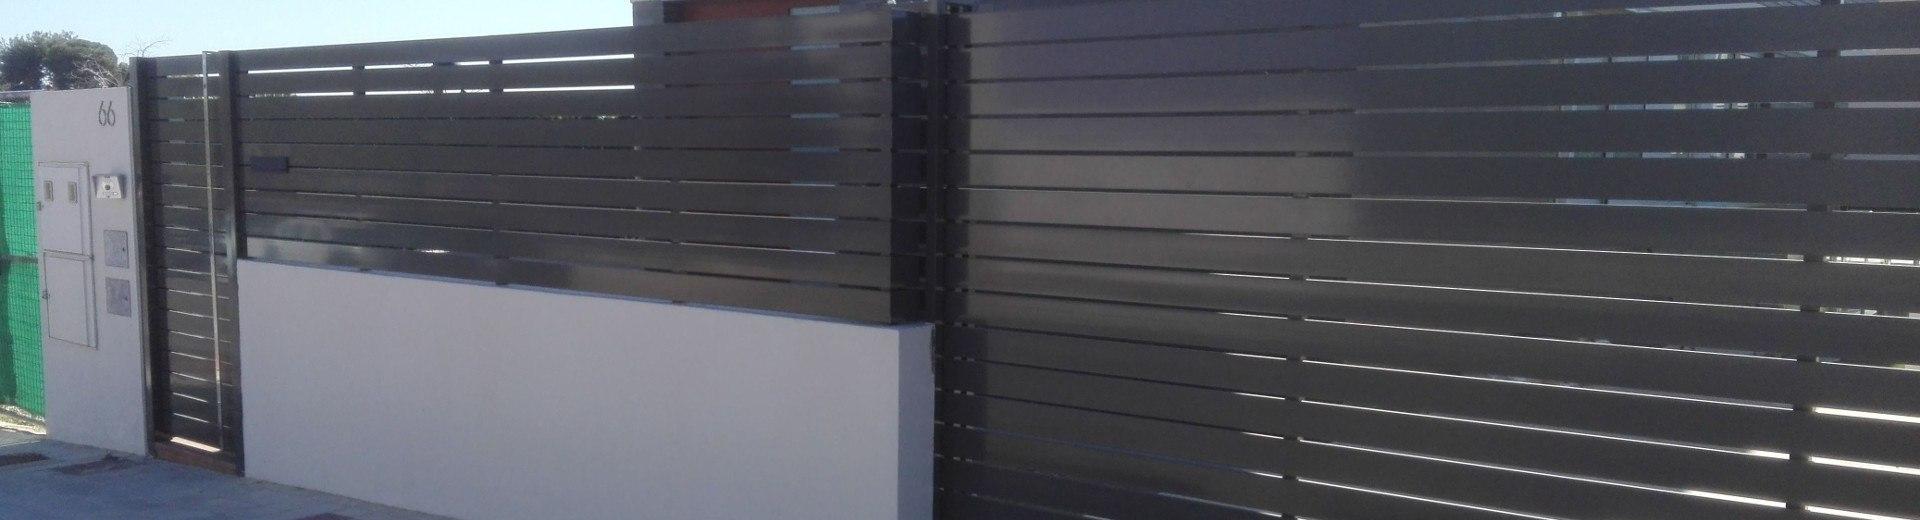 puertas correderas hori - Reparación Mantenimiento Puertas Garaje Correderas Barcelona Valencia y Alicante